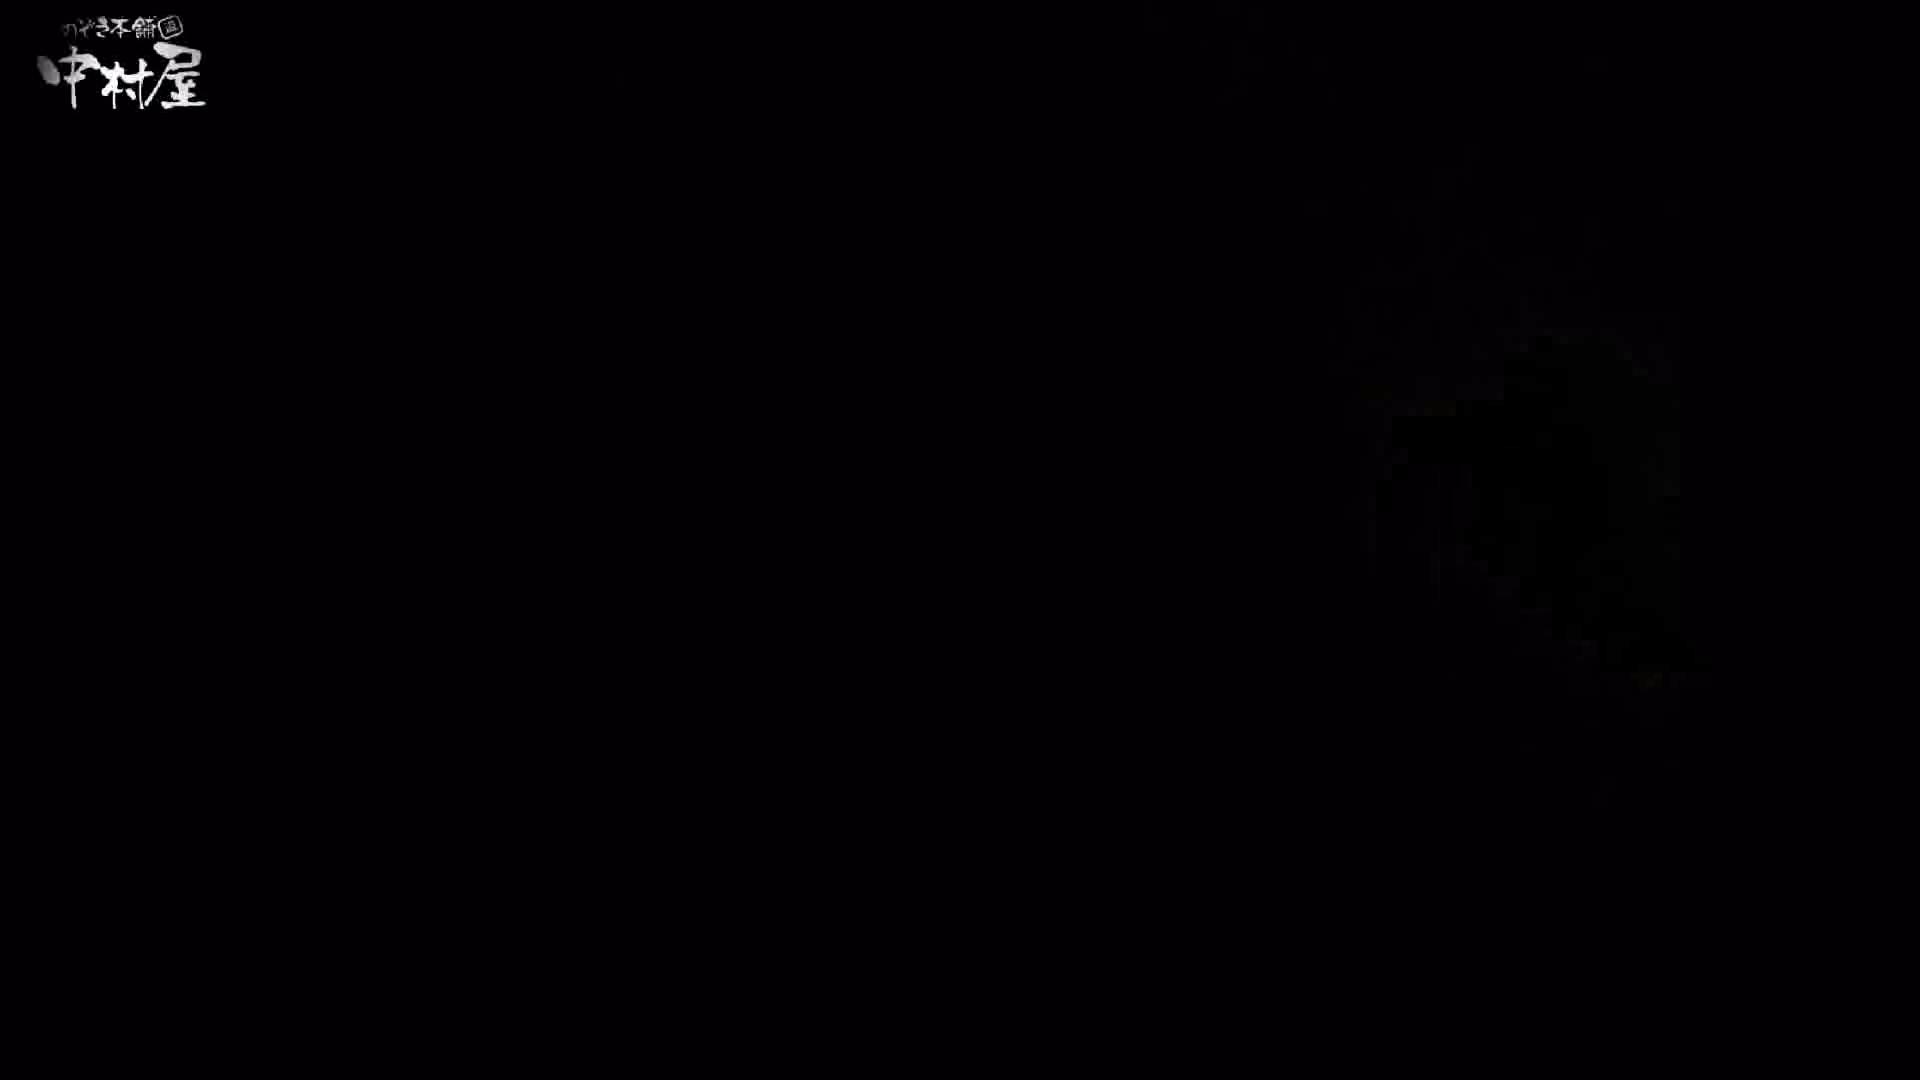 民家風呂専門盗撮師の超危険映像 vol.017 美女 AV動画キャプチャ 69連発 15